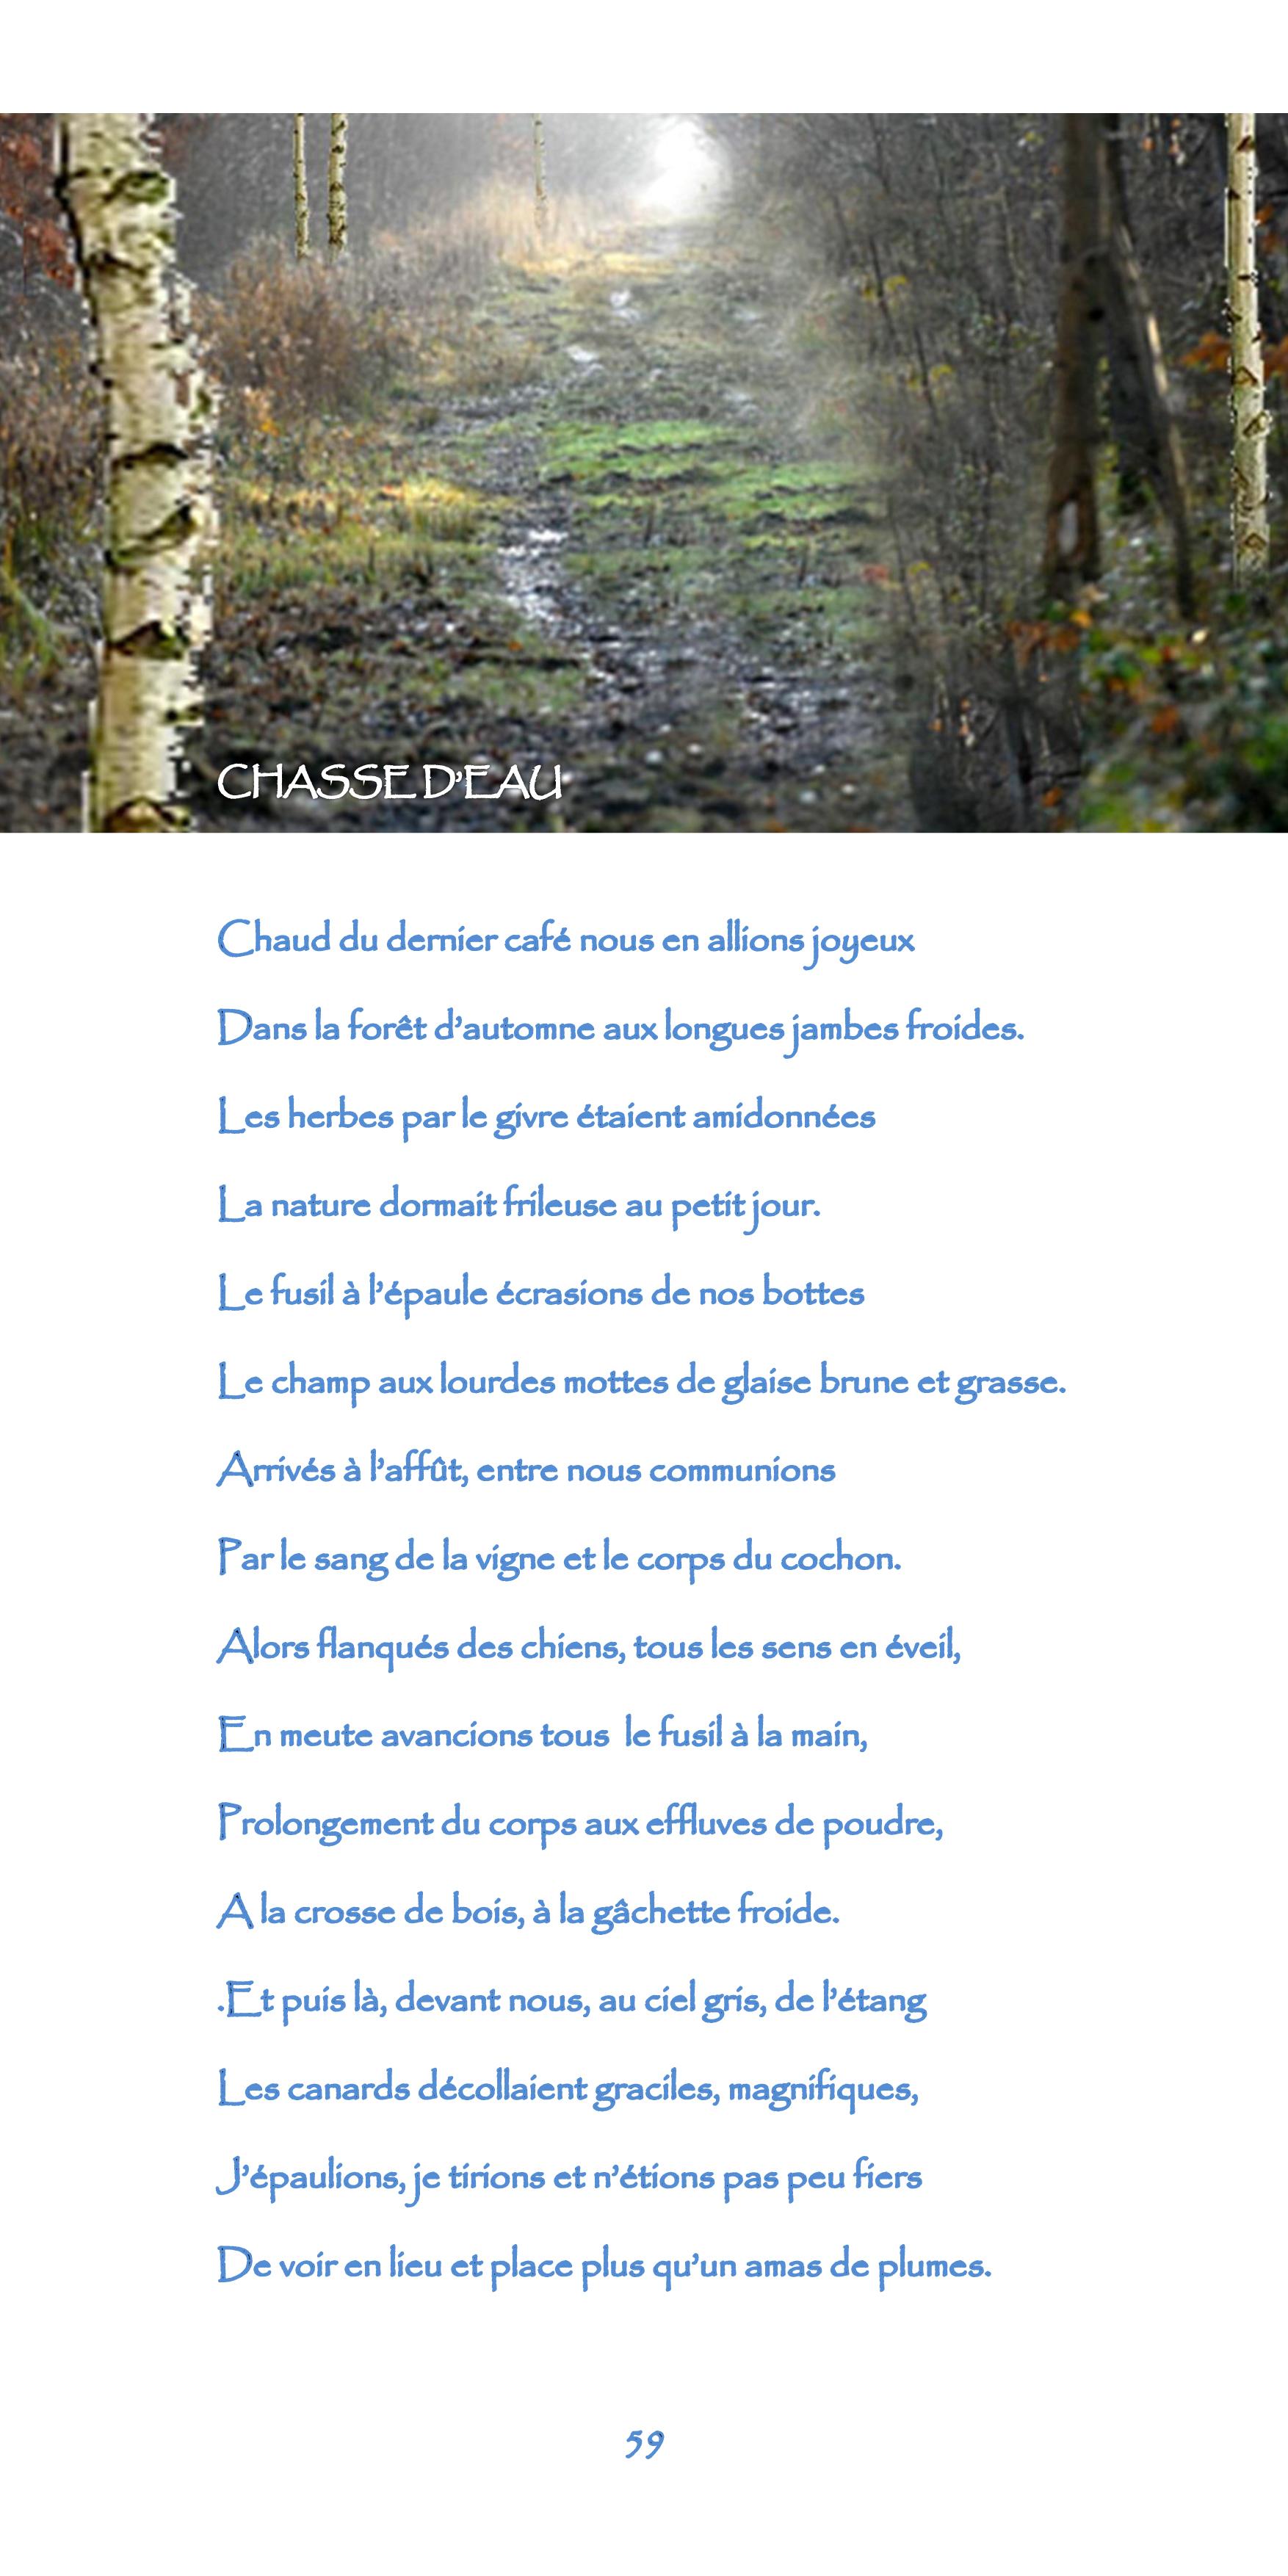 59-nègre_bleu-chasse_d'eau.jpg